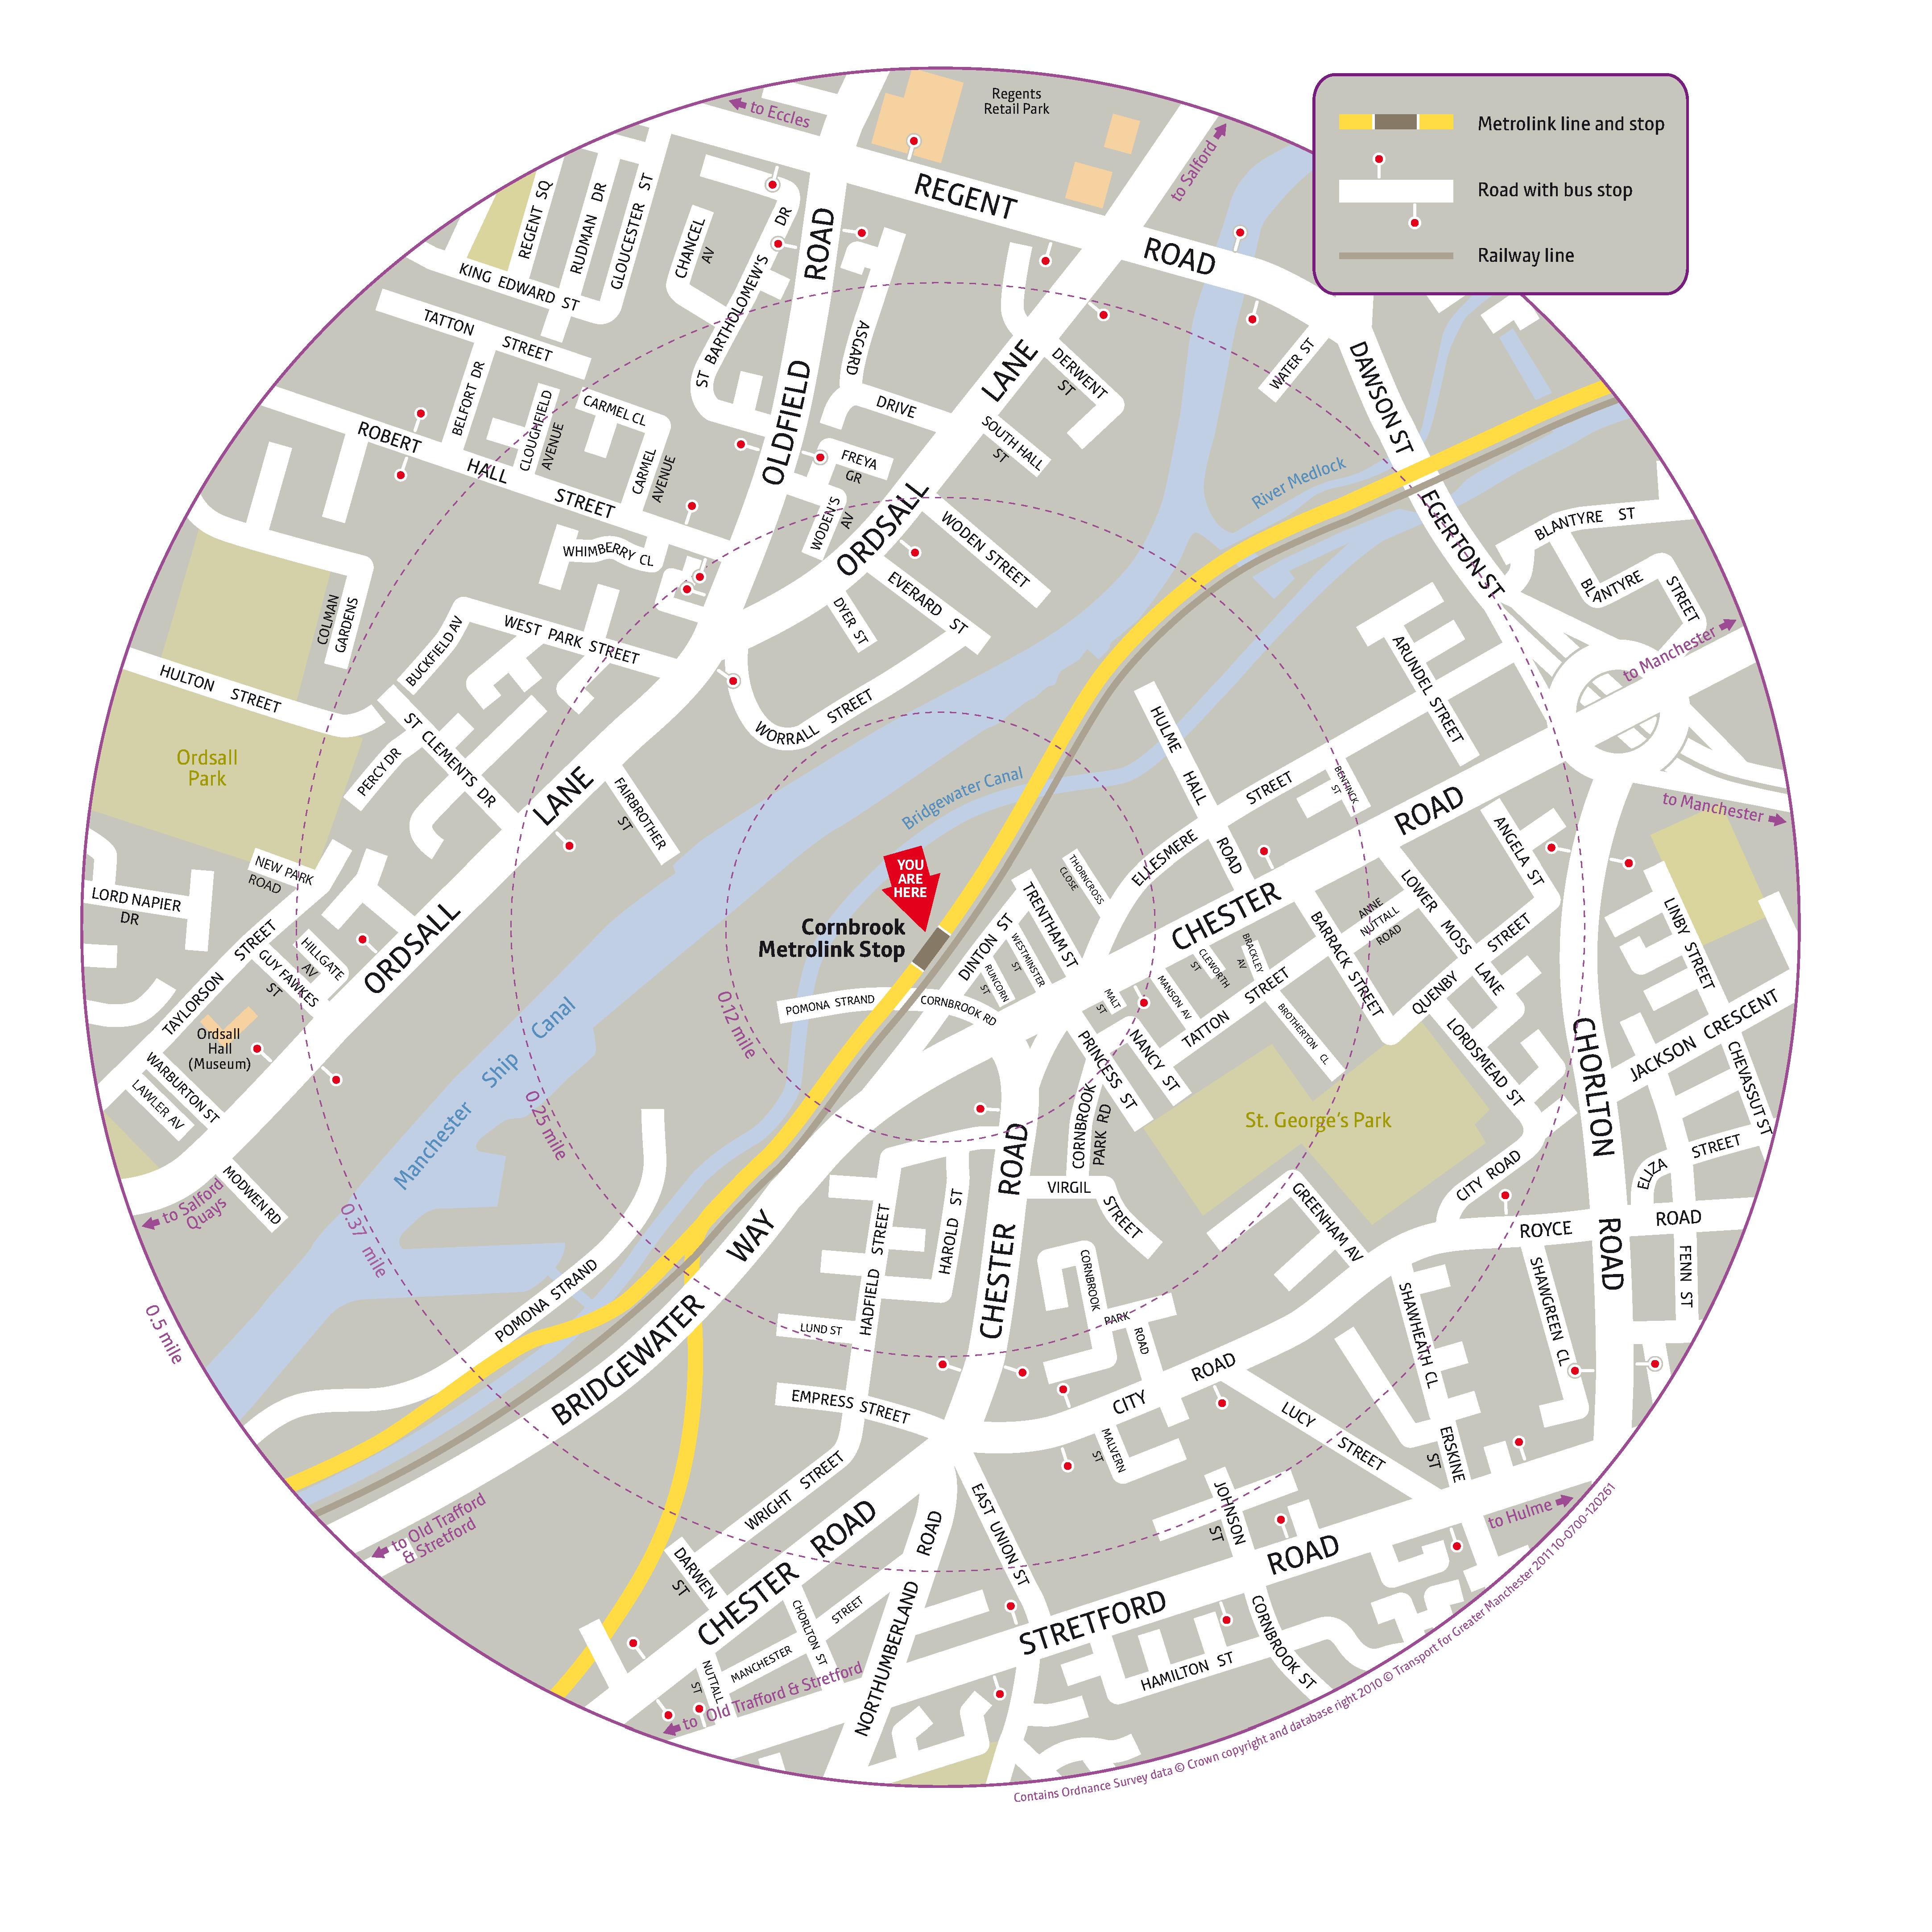 Local area map for Cornbrook tram stop